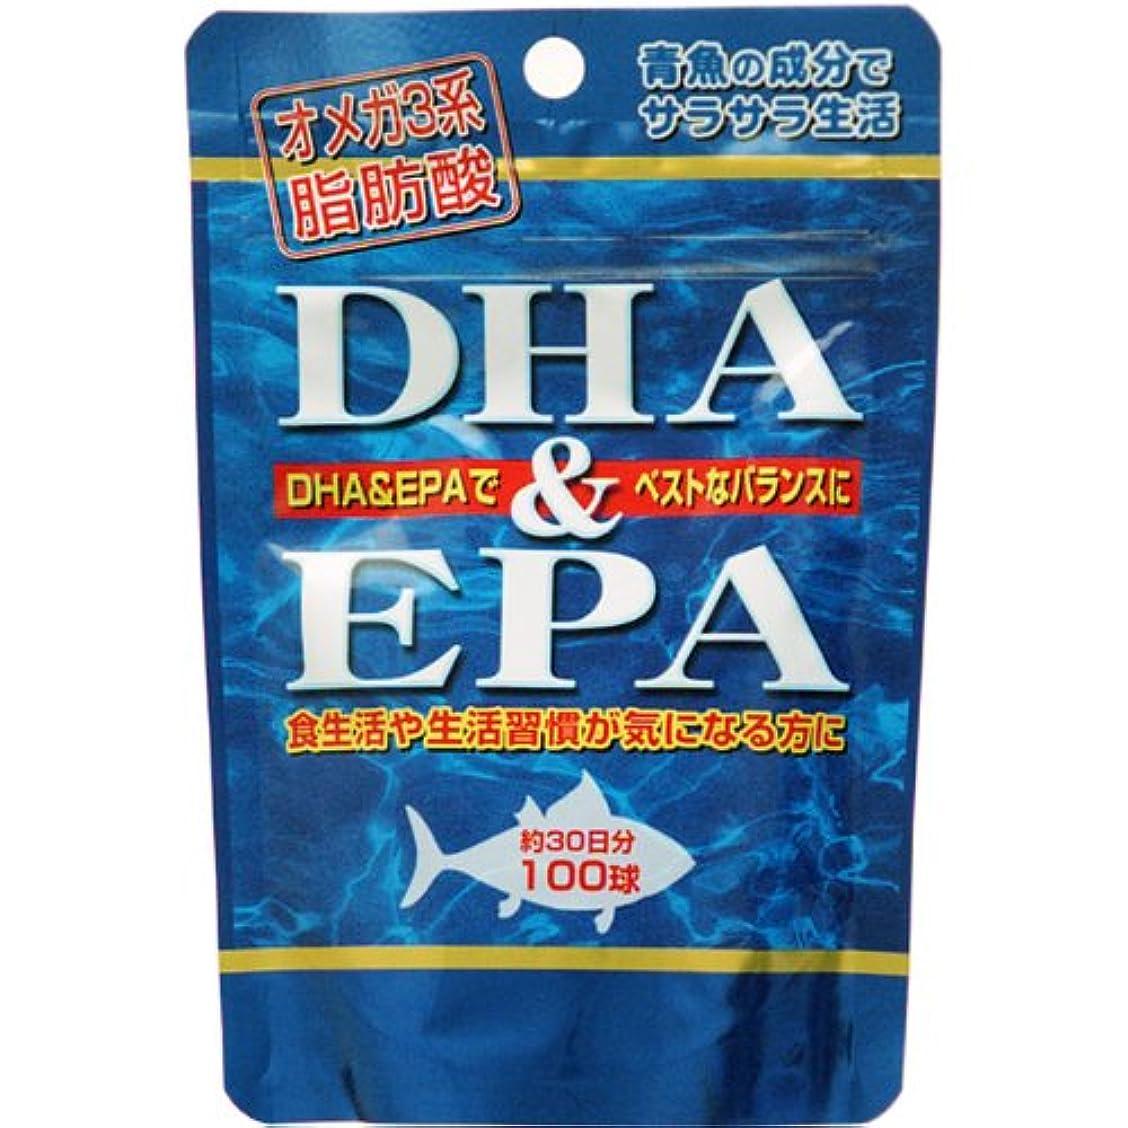 巨大避難把握DHA(ドコサヘキサエン酸)&EPA(エイコサペンタエン酸)×2